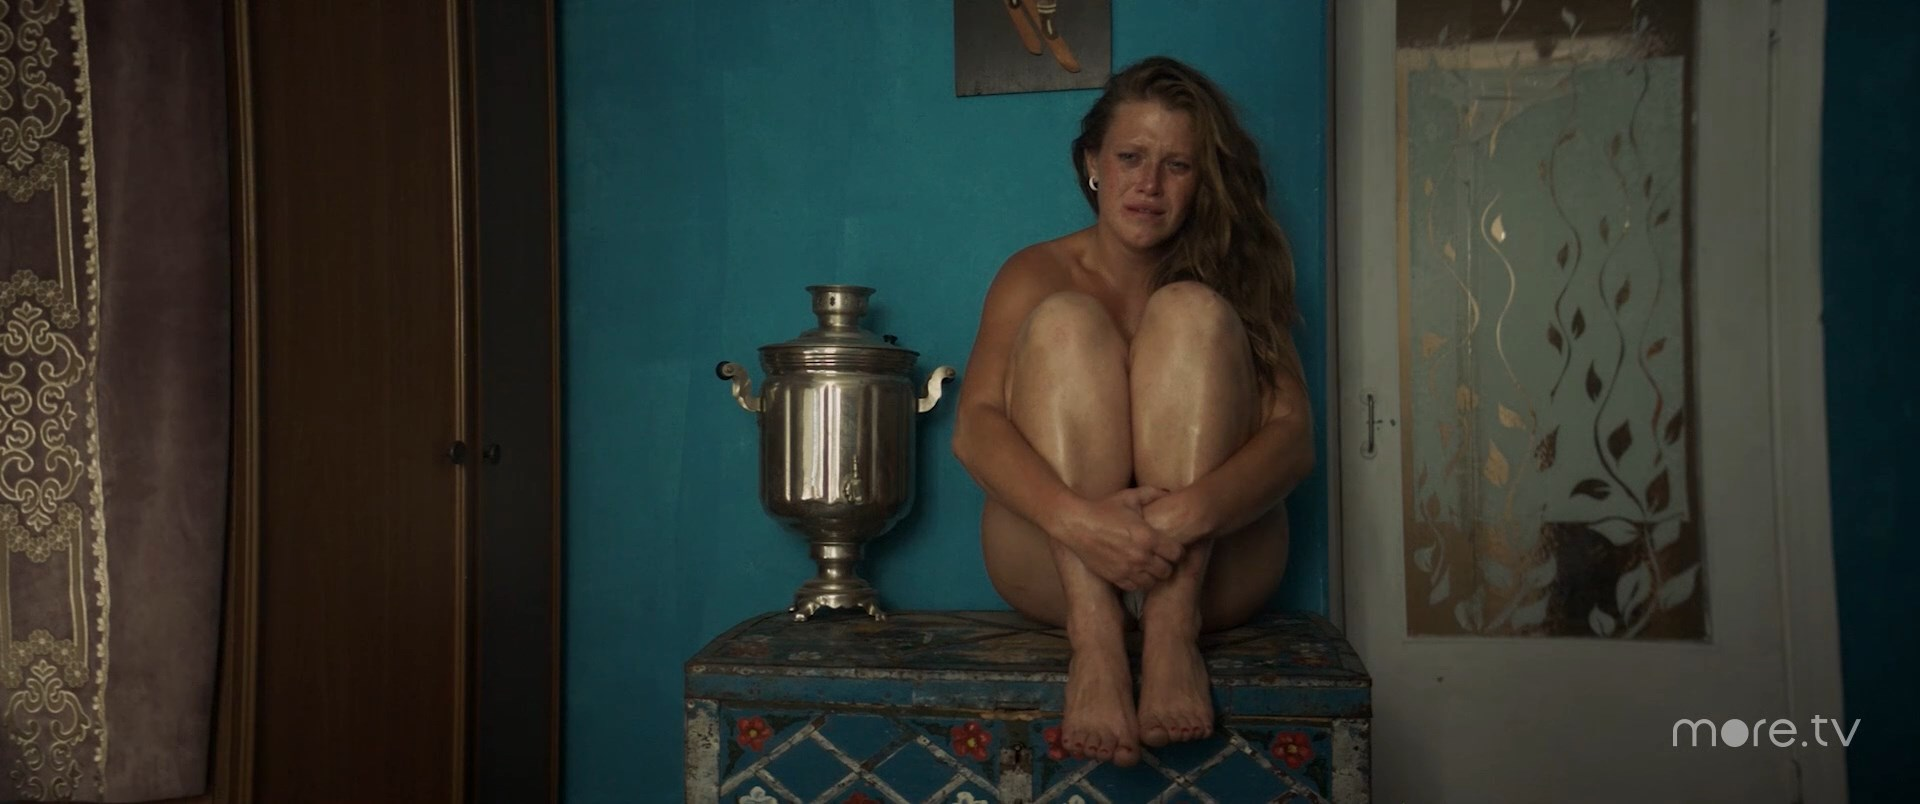 Varvara Shmykova  nackt